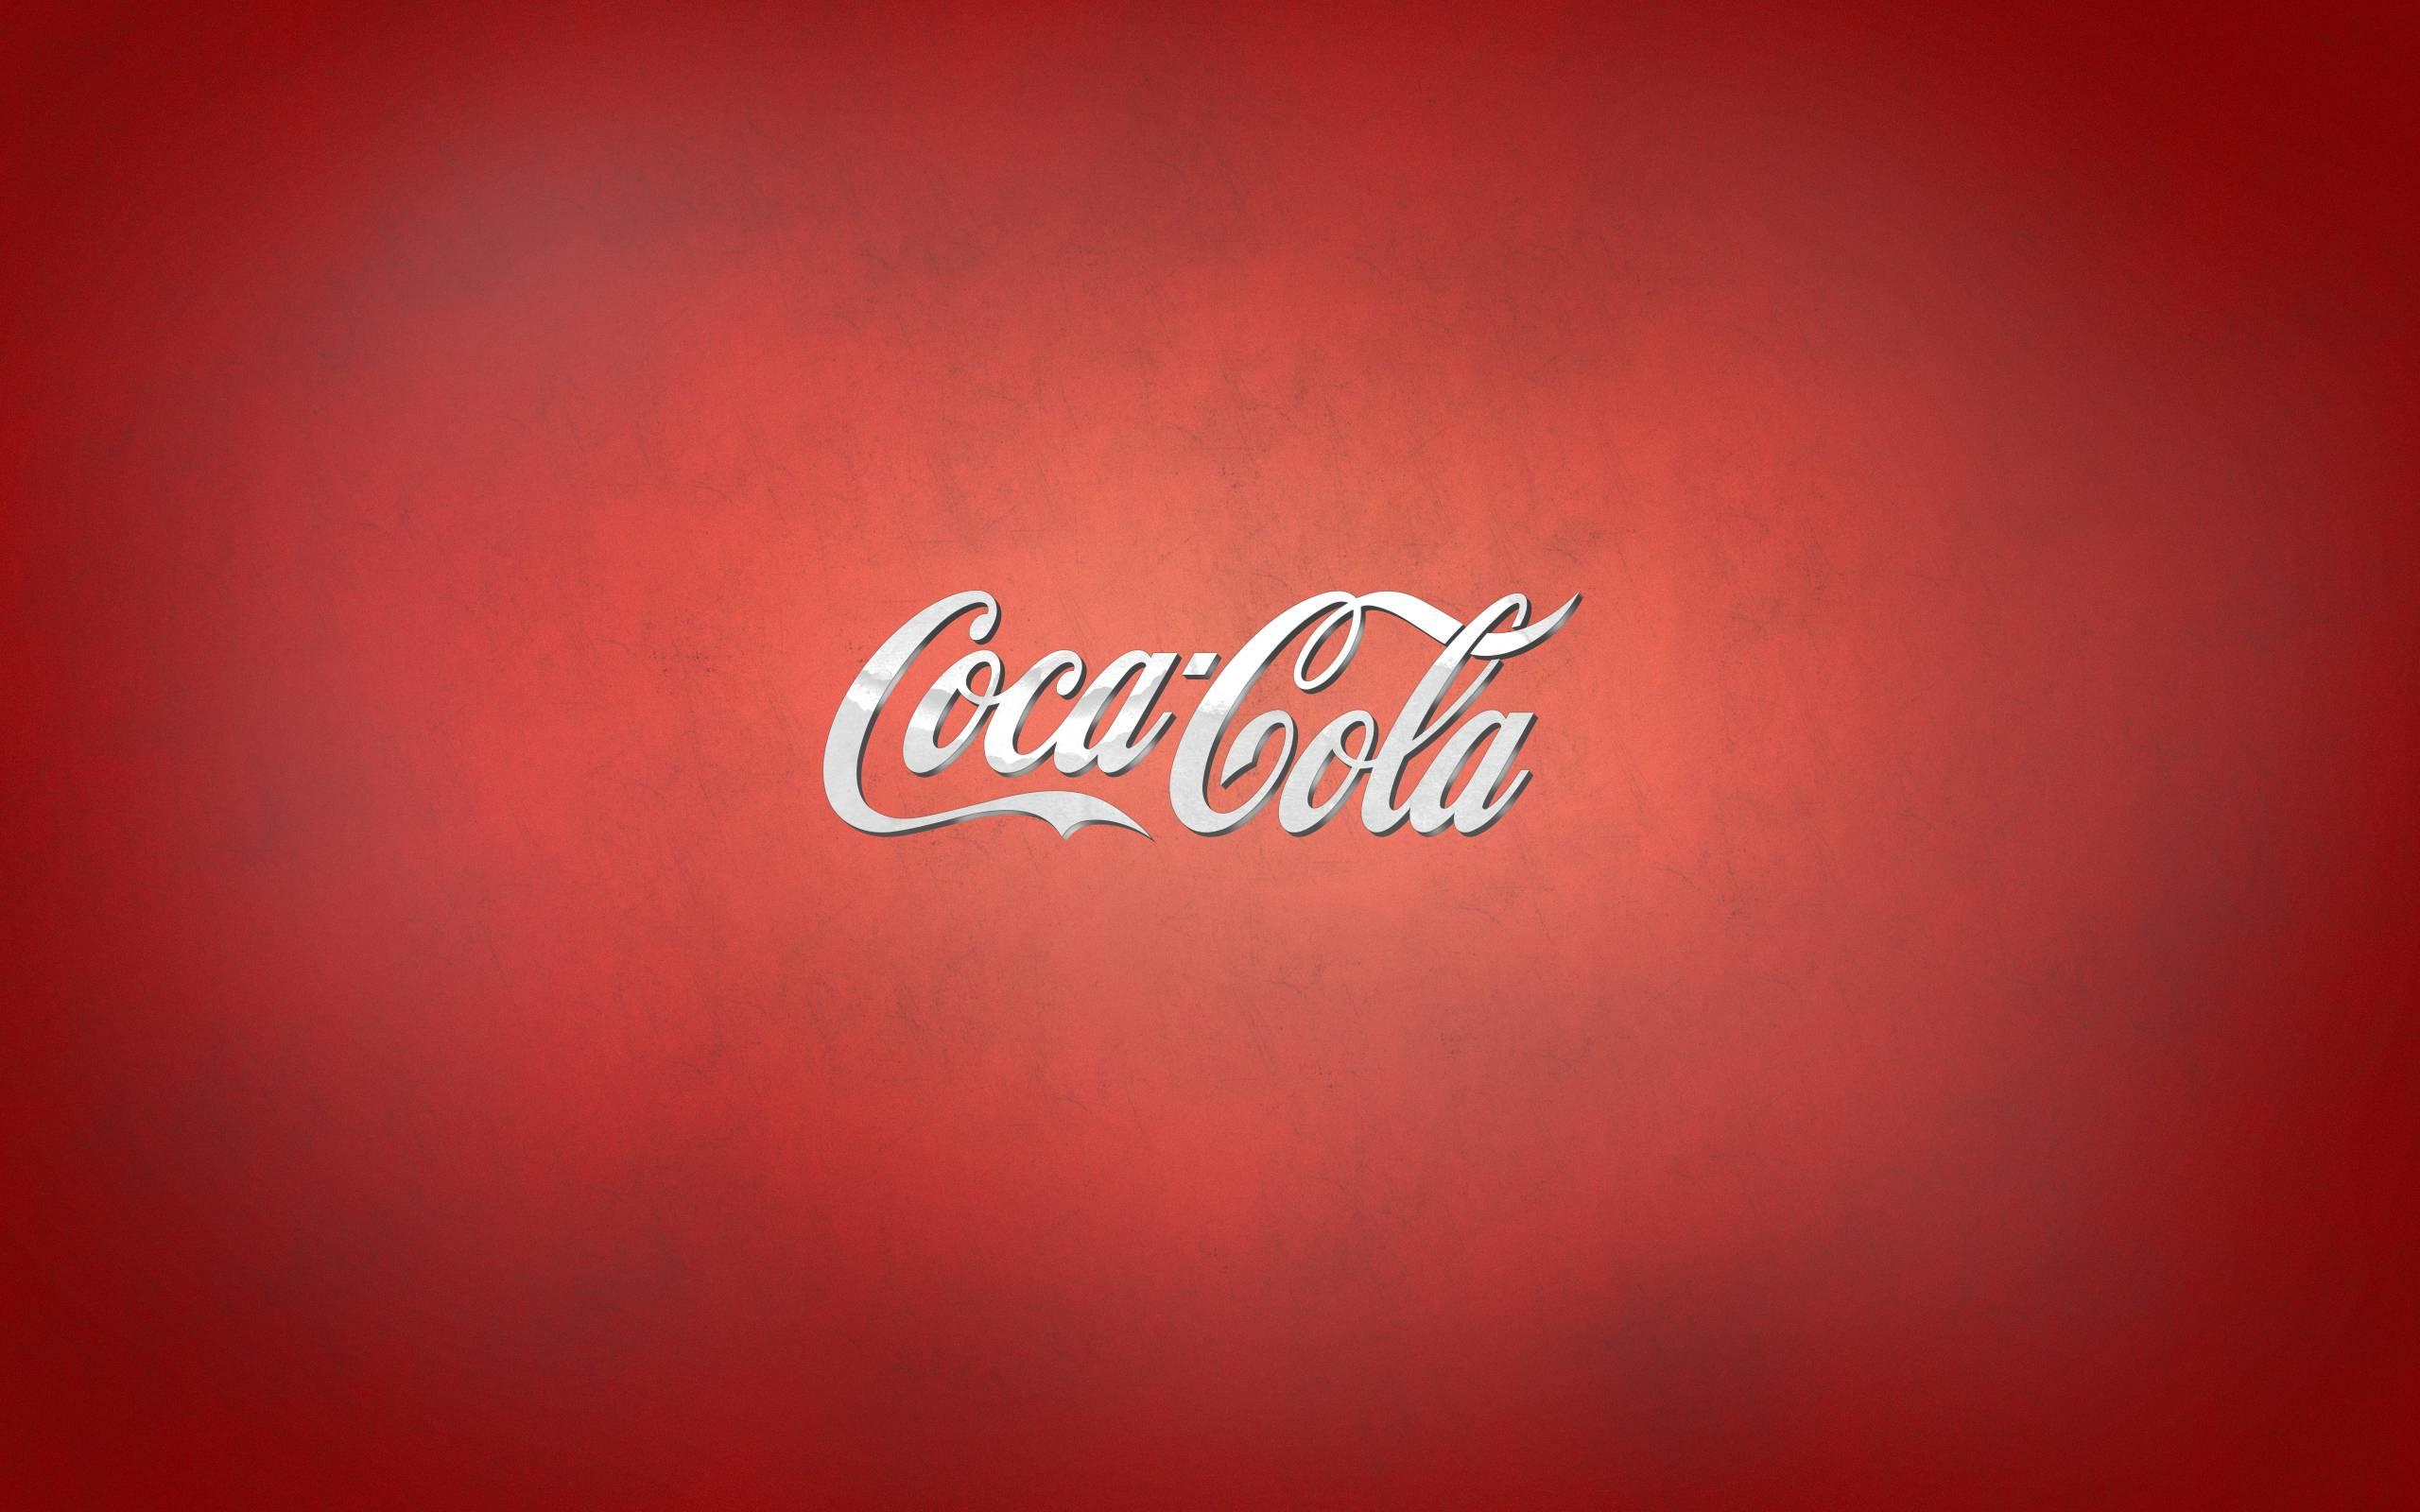 coca cola logo wallpaper 40865